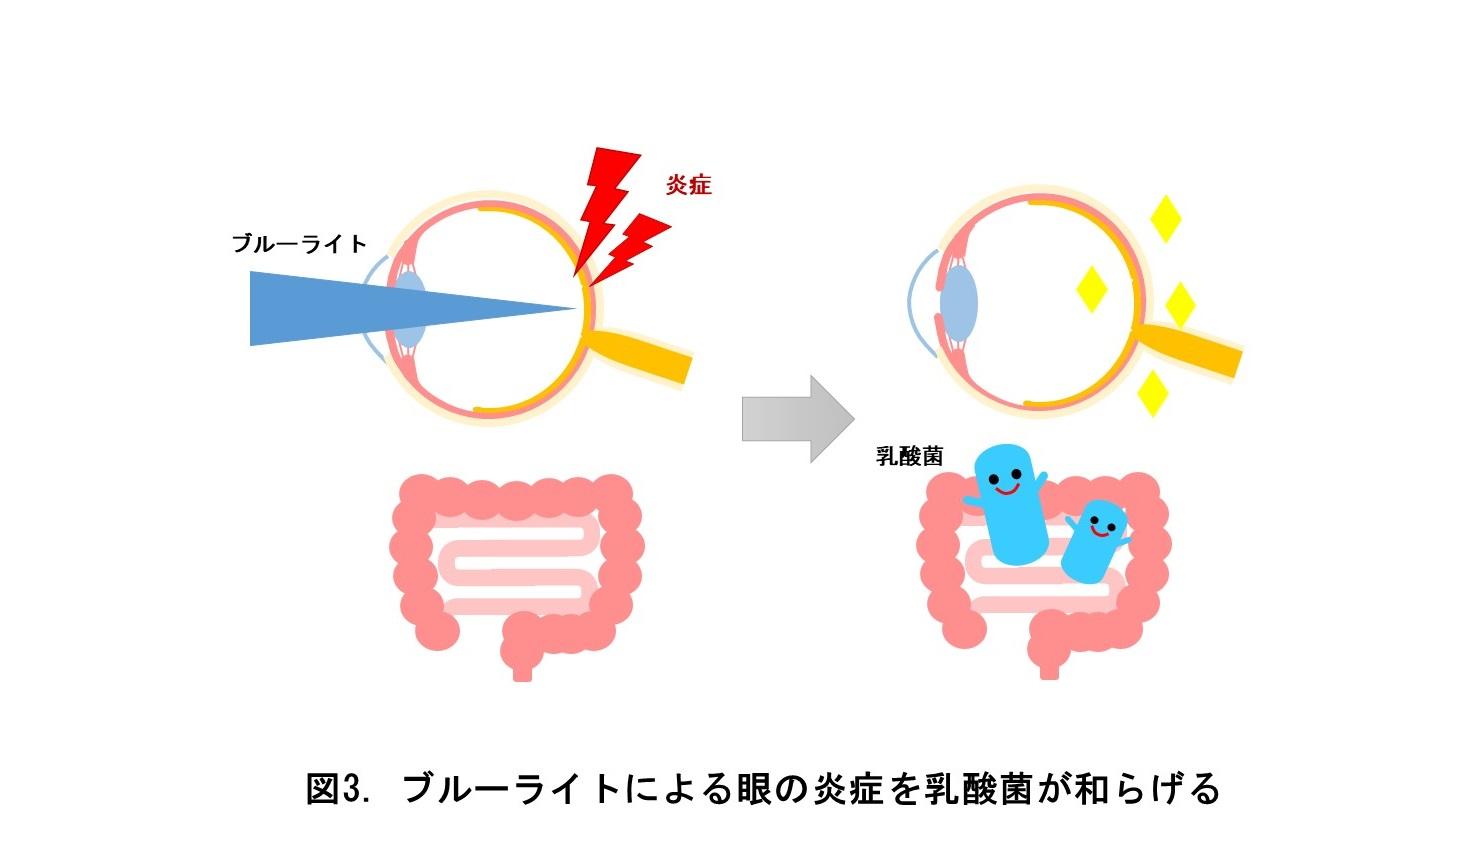 ブルーライトによる眼の炎症を乳酸菌が和らげる